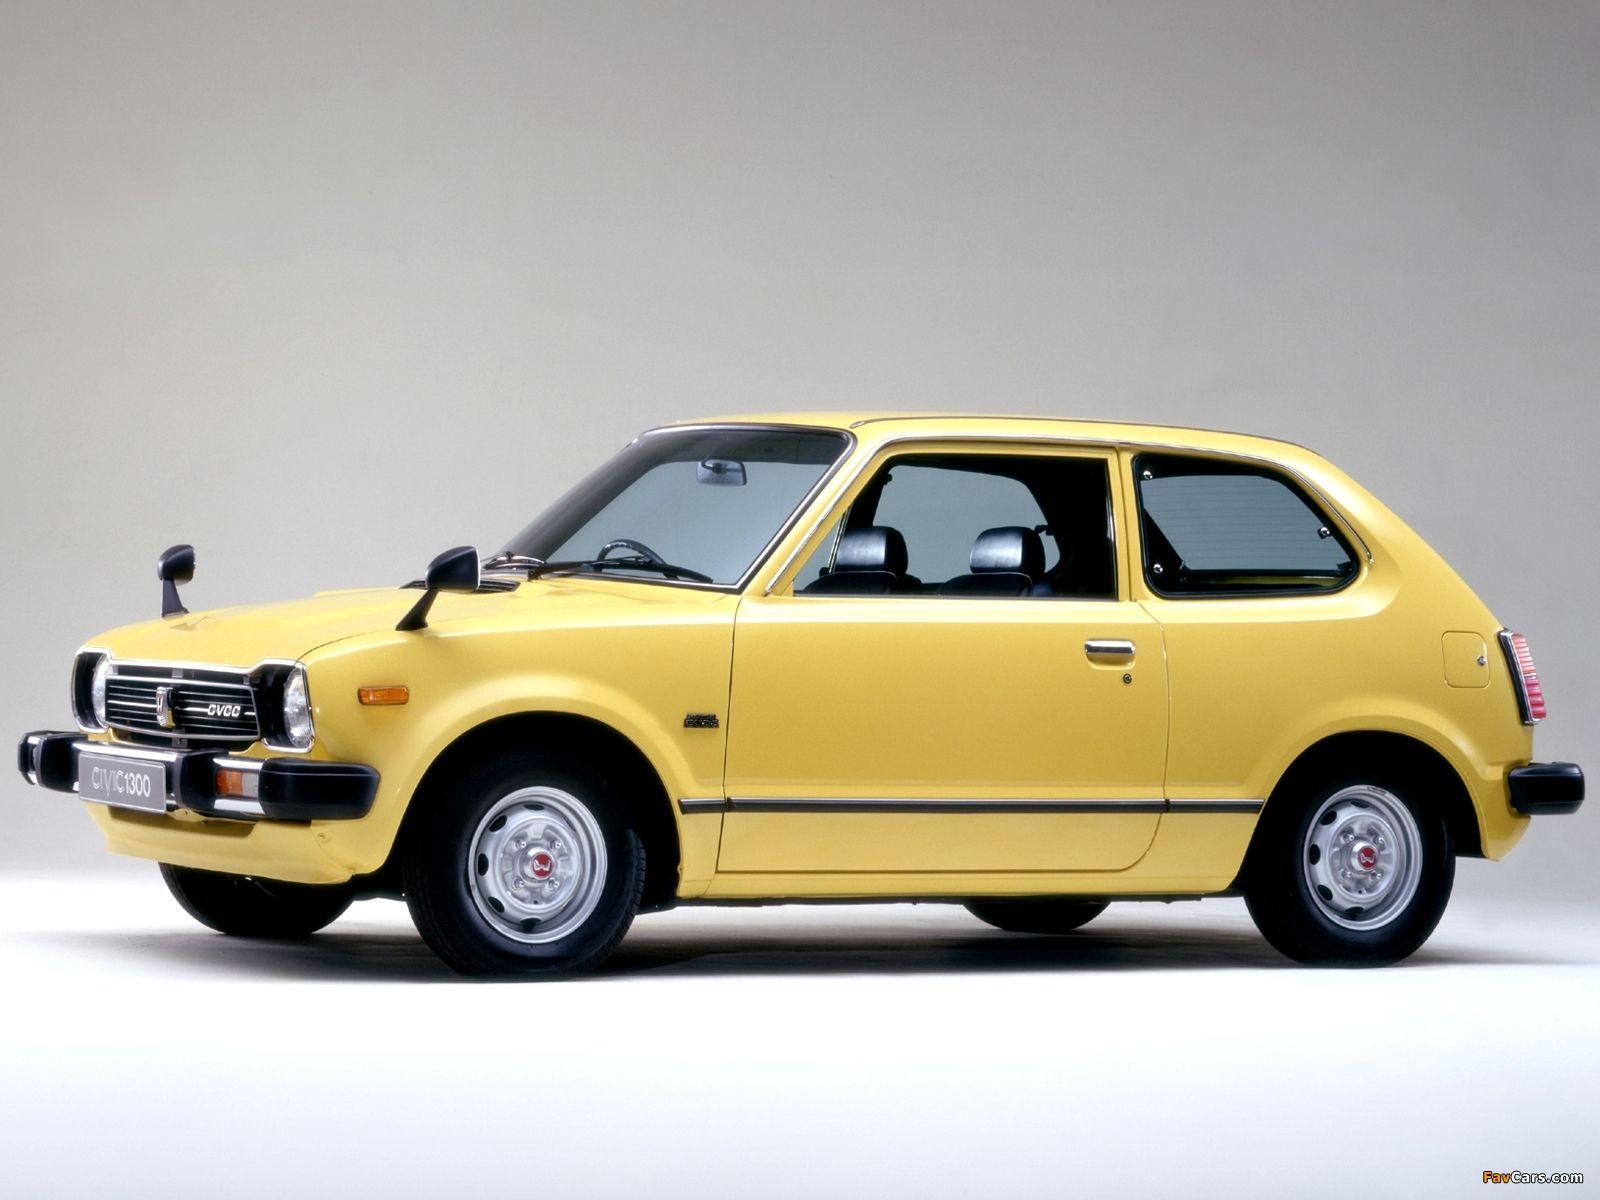 Kelebihan Kekurangan Honda Civic 1970 Spesifikasi